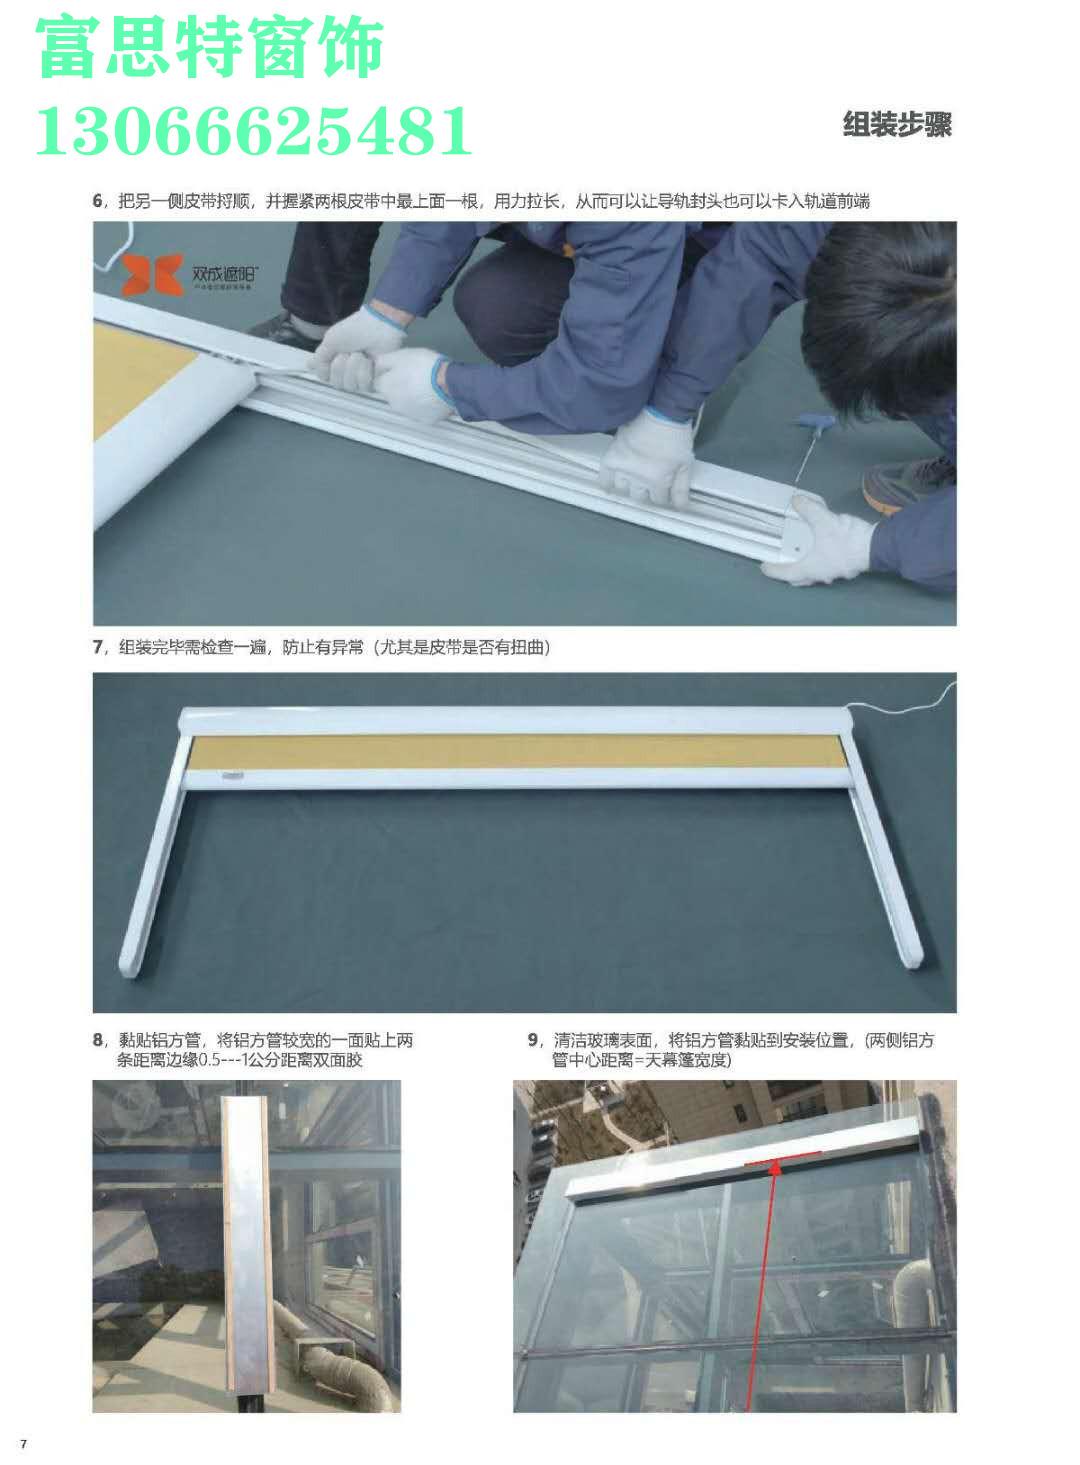 沈阳电动遮阳蓬安装过程,值得信任的品牌